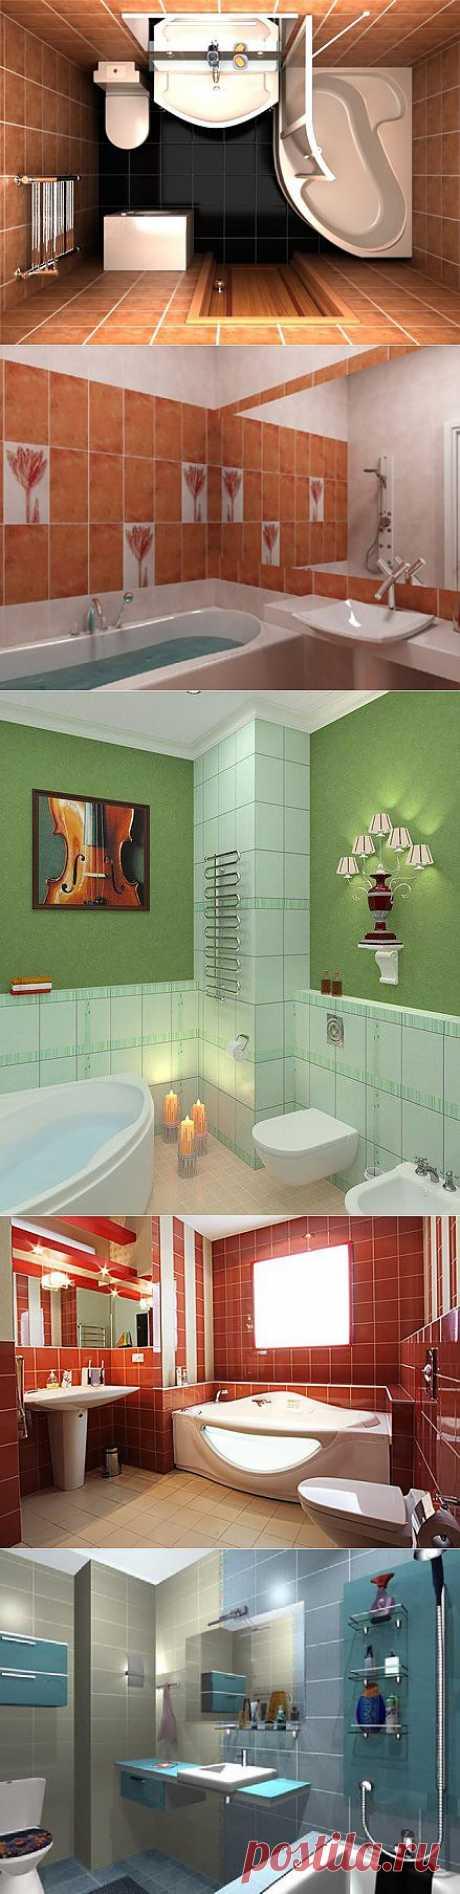 22 идеи для ремонта ванной комнаты